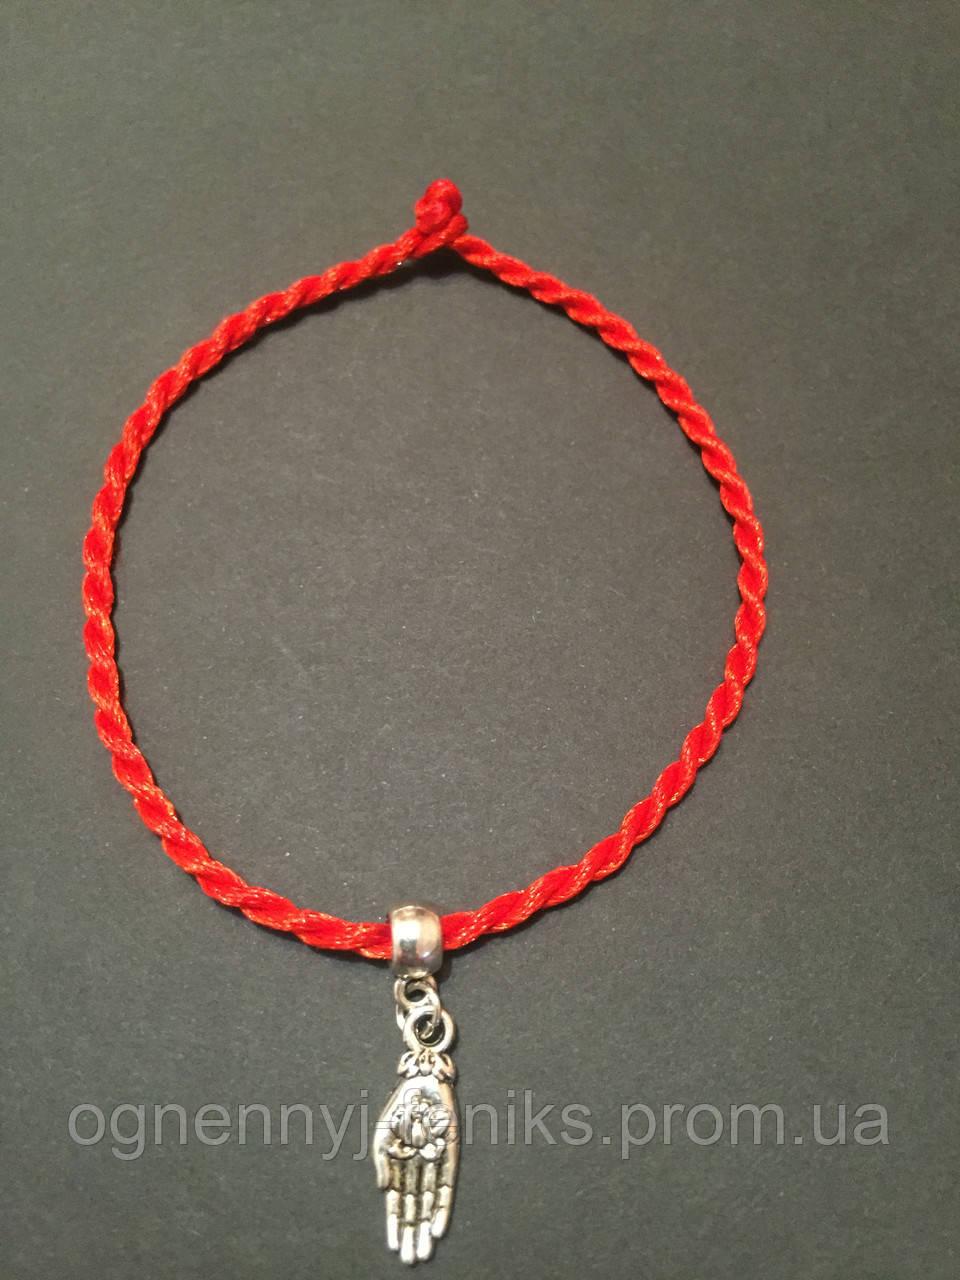 Как сделать себе оберег на руку из красной нитки